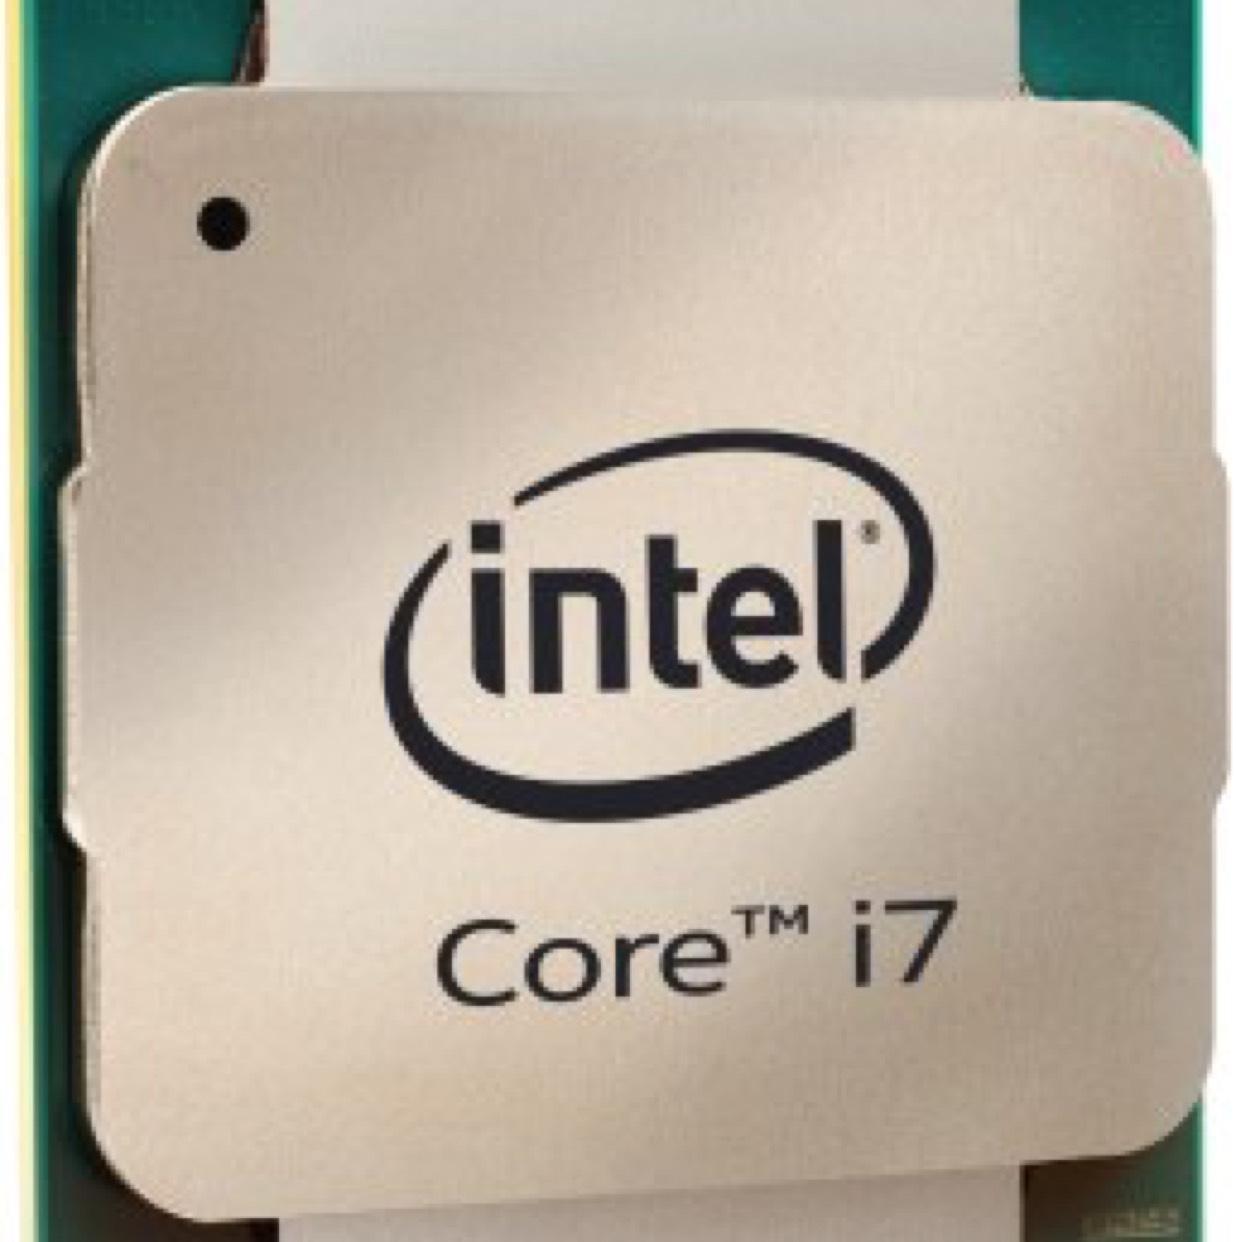 Processeur Intel Core i7 5930K - 3.5 GHz chez Digitec (frontaliers Suisse)